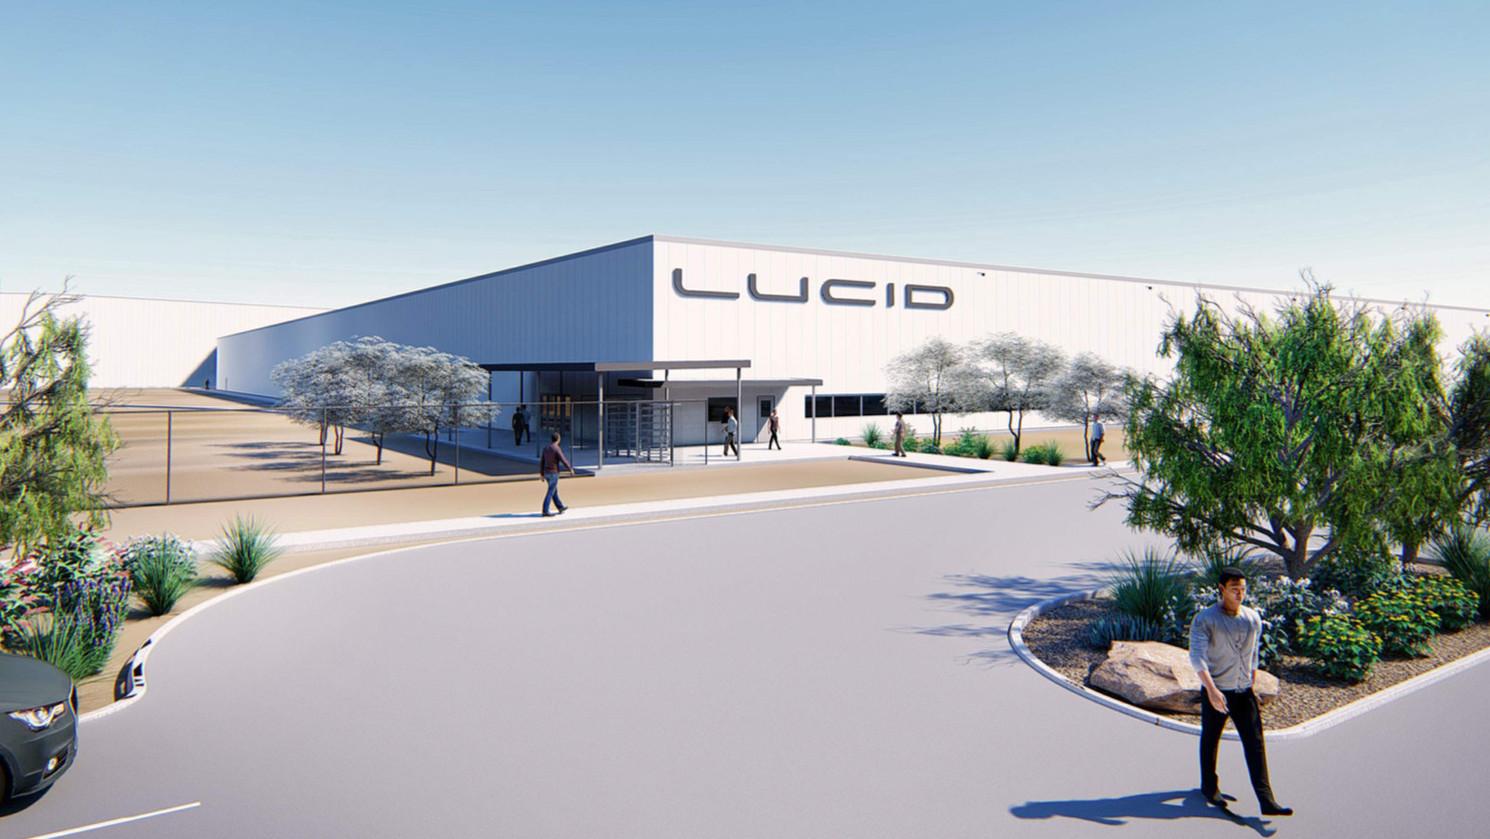 Lucid Motors : le concurrent de Tesla veut faire comme Tesla et partage des images de son usine